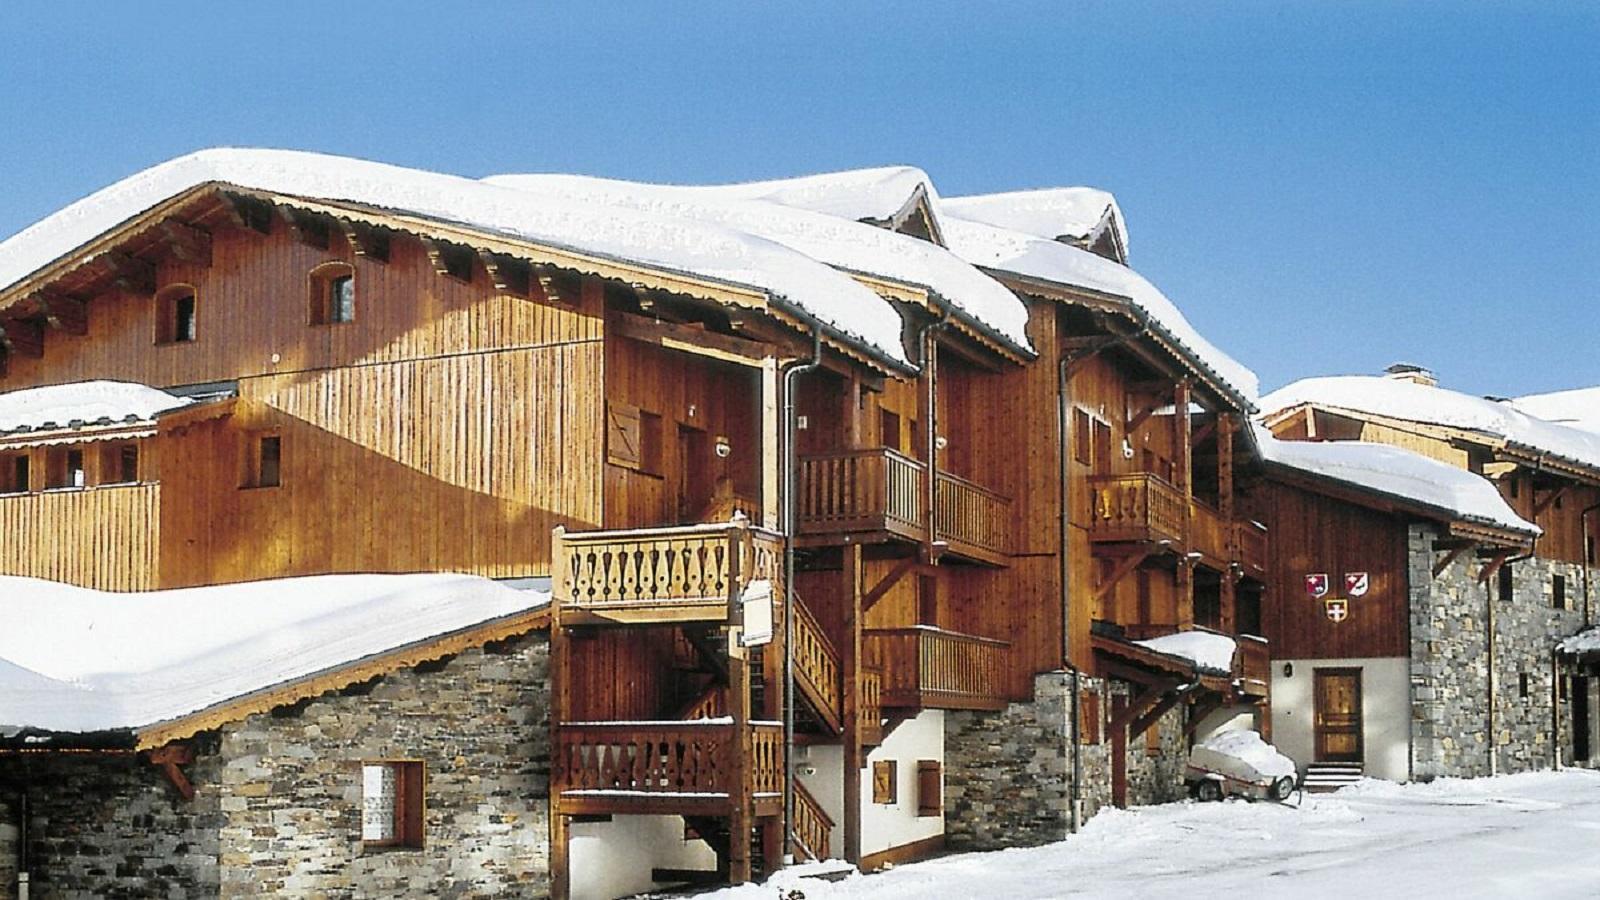 chalets-montagnettes-savoie-alpes-snow-ski-seminires-de-caractere-9